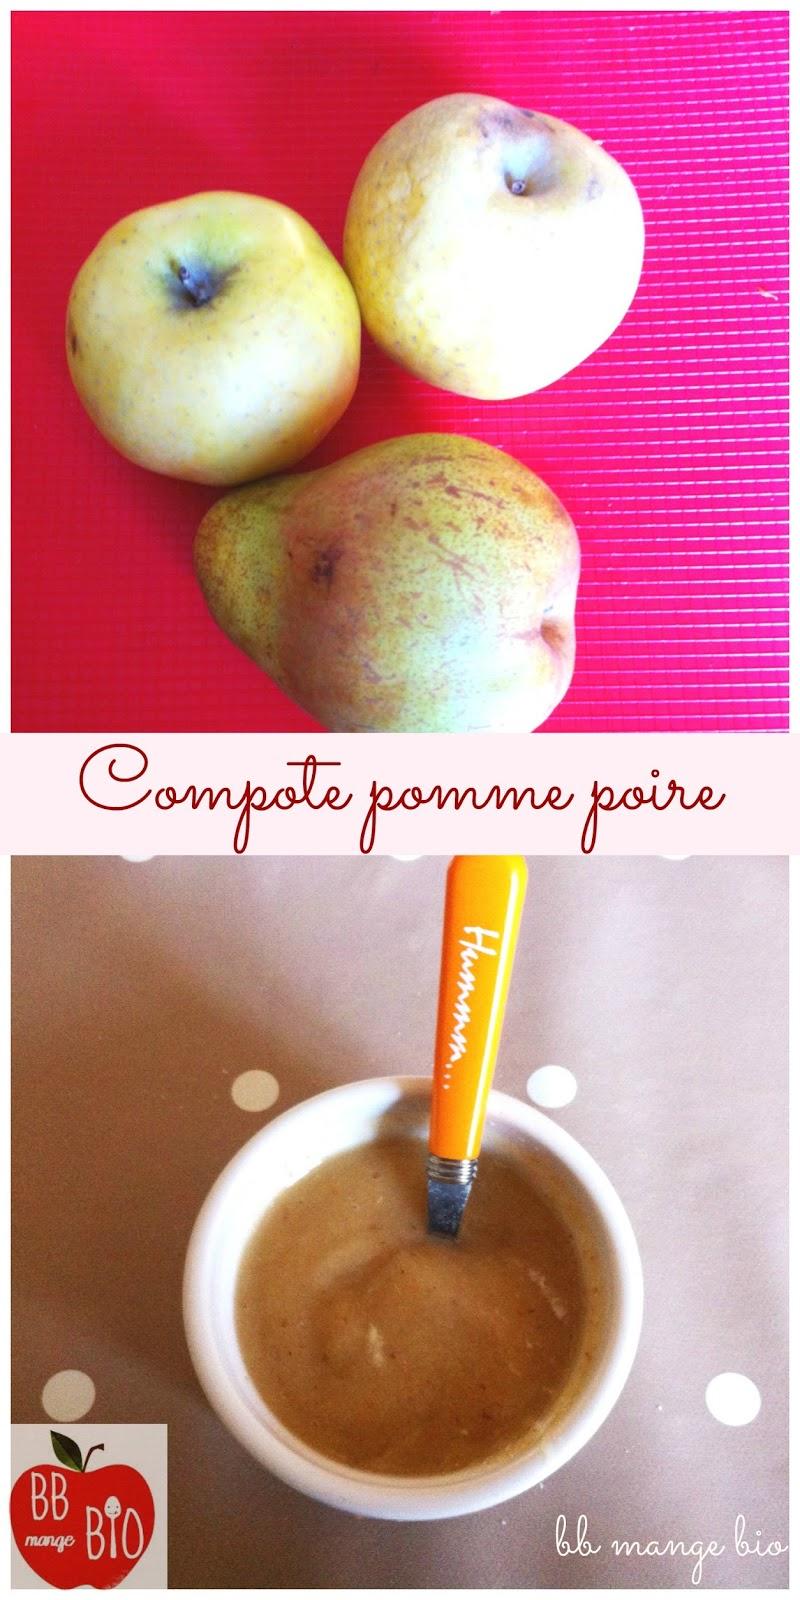 BB mange bio : compote pomme poire dès 6 mois